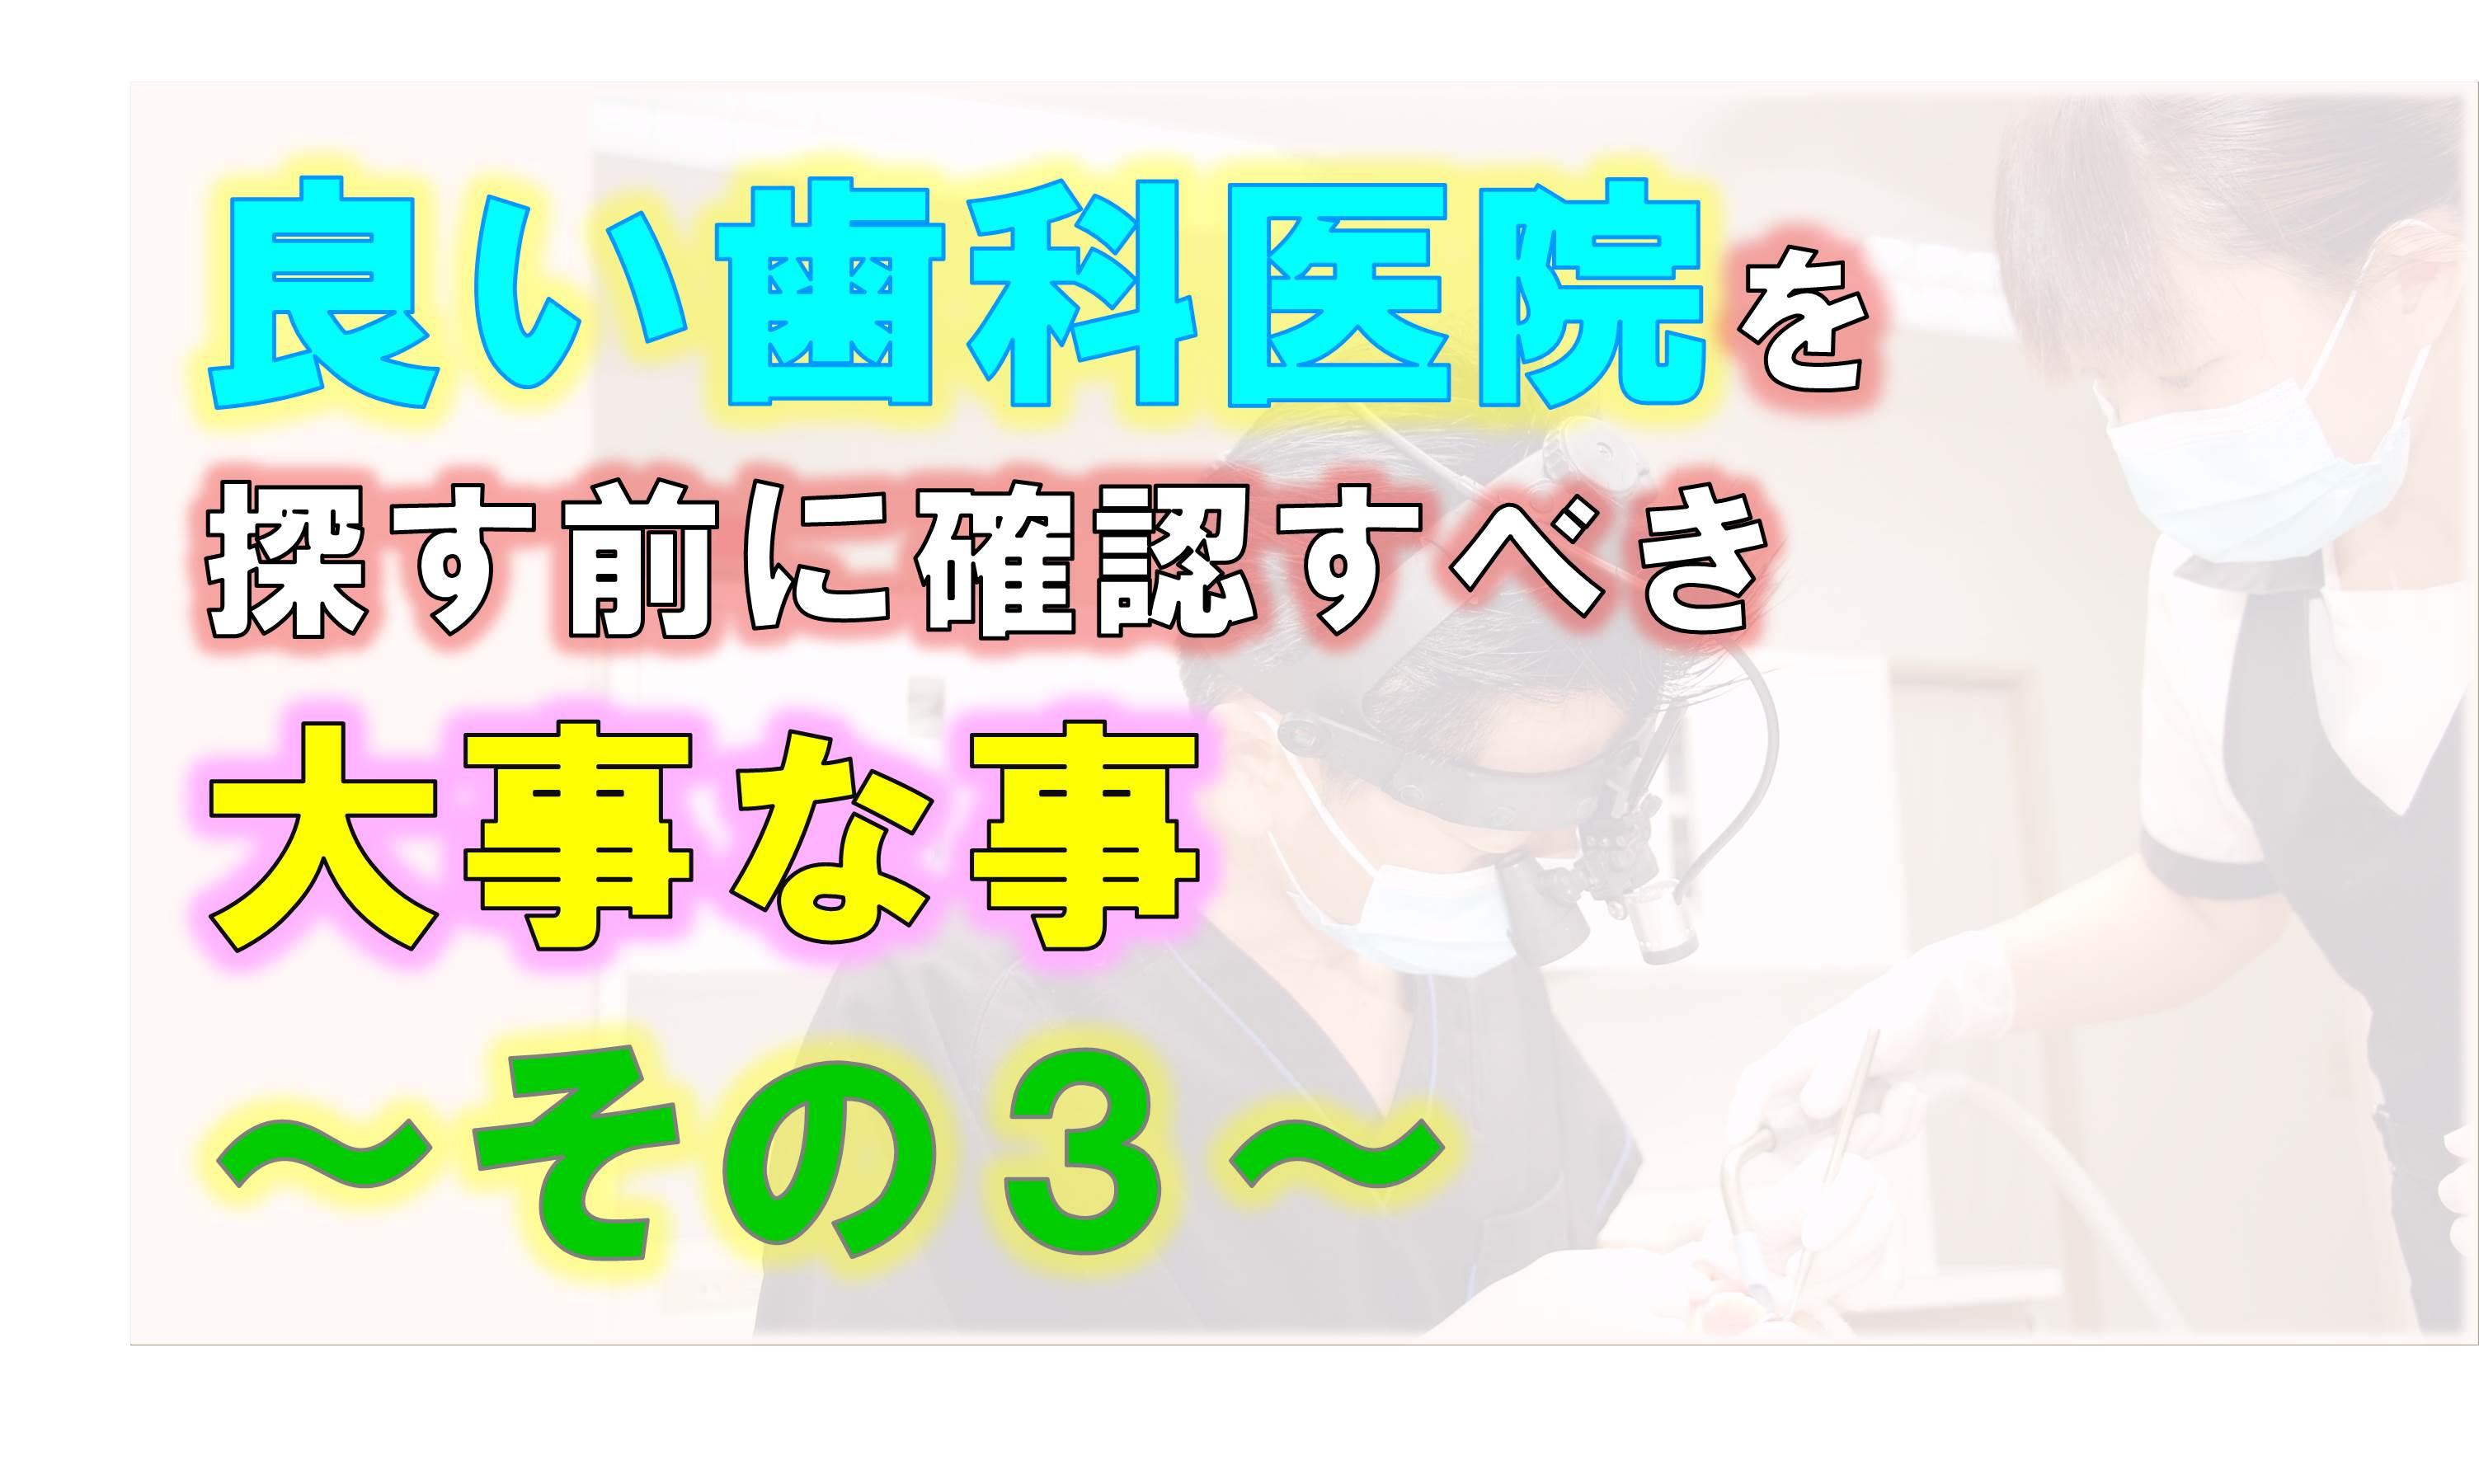 歯科 群馬 前橋 高崎 伊勢崎 桐生 太田 セカンドオピニオン 抜歯